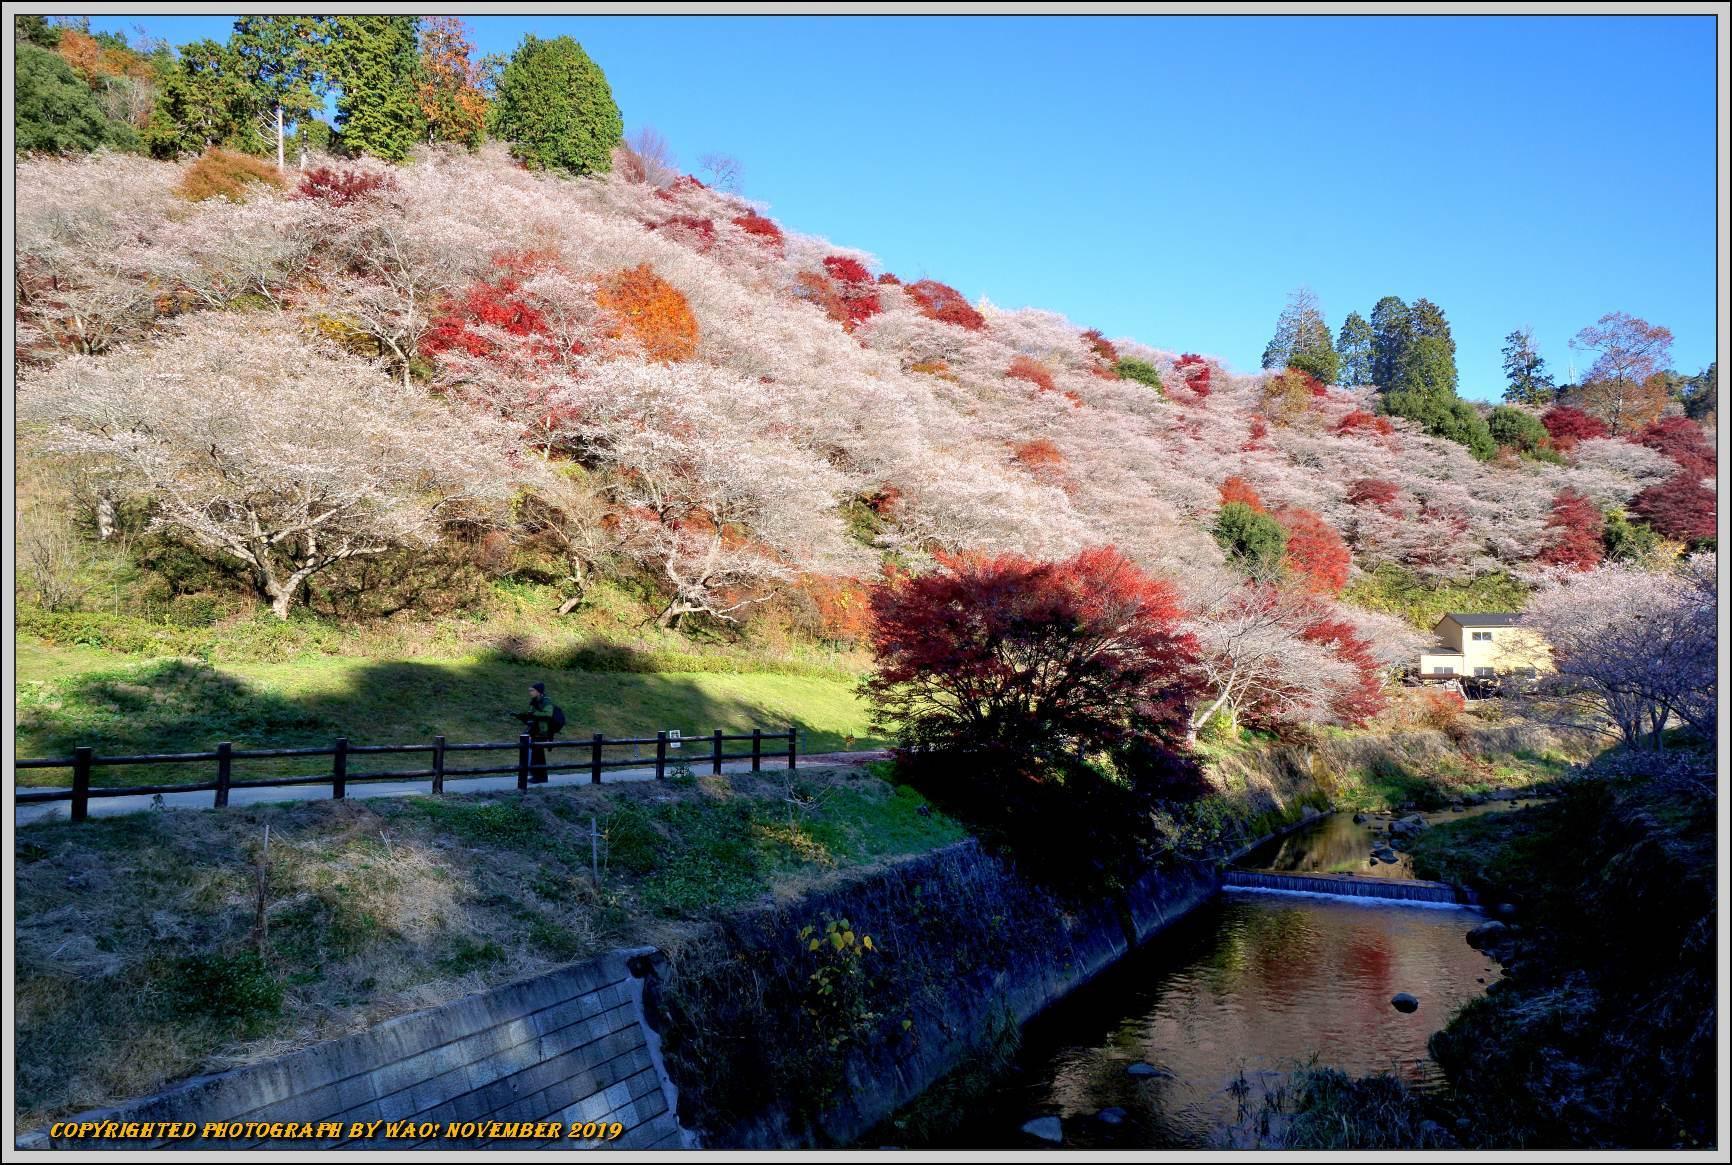 四季桜とモミジのコラボレーション-1_c0198669_15550210.jpg